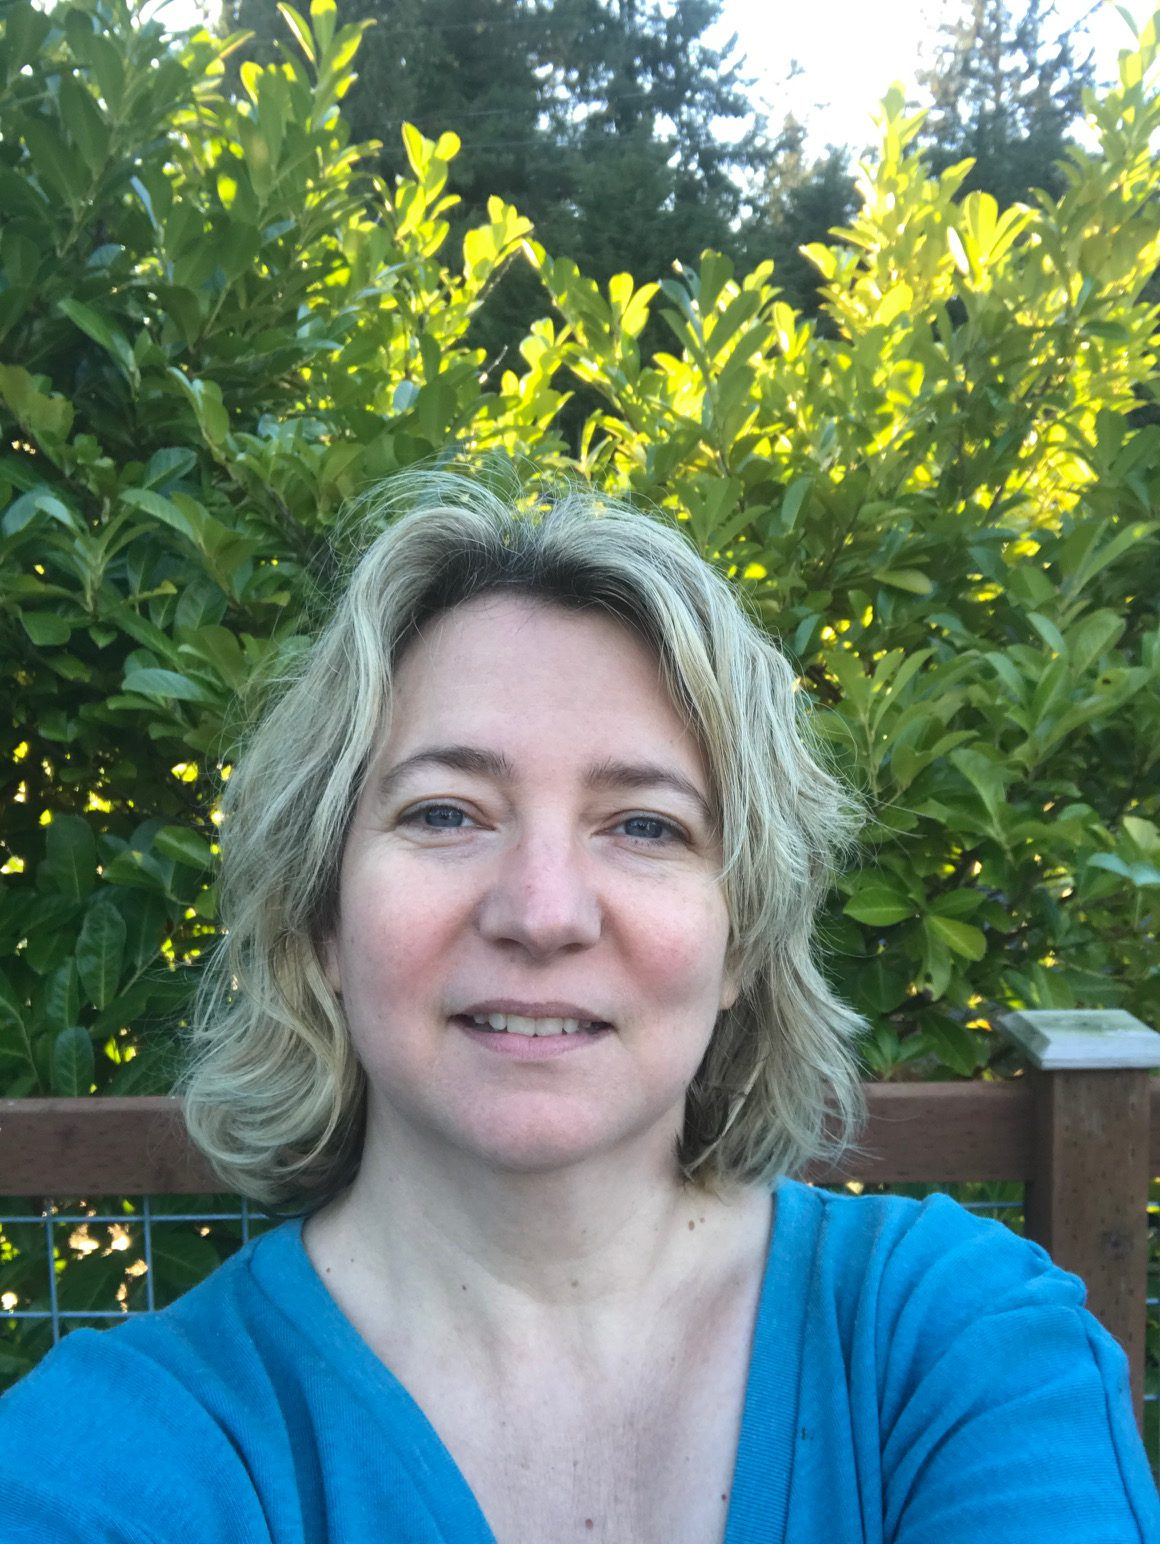 Lori Kane